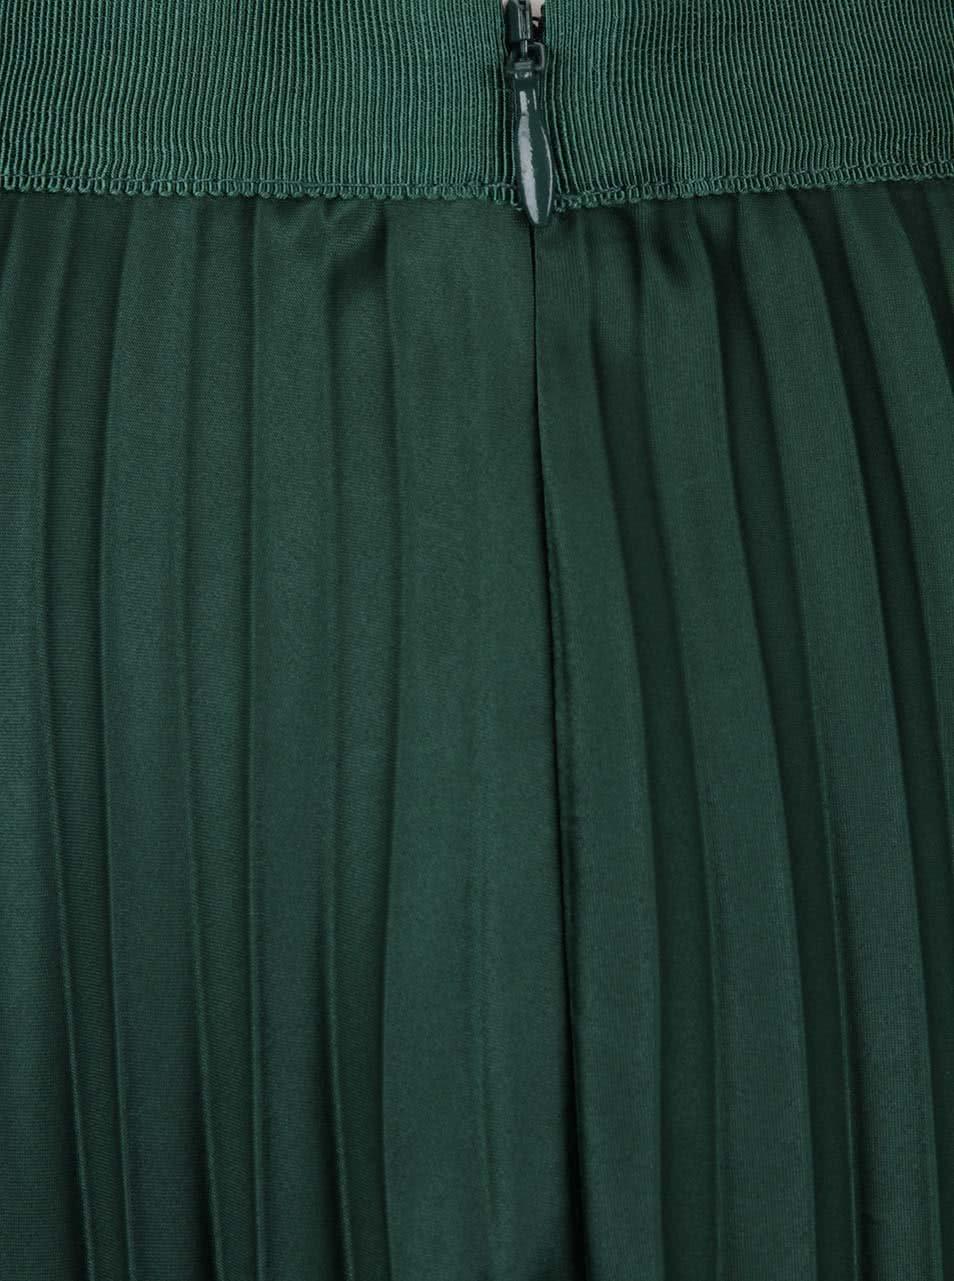 Tmavě zelená plisovaná sametová sukně Maison Scotch ... e66dc34126